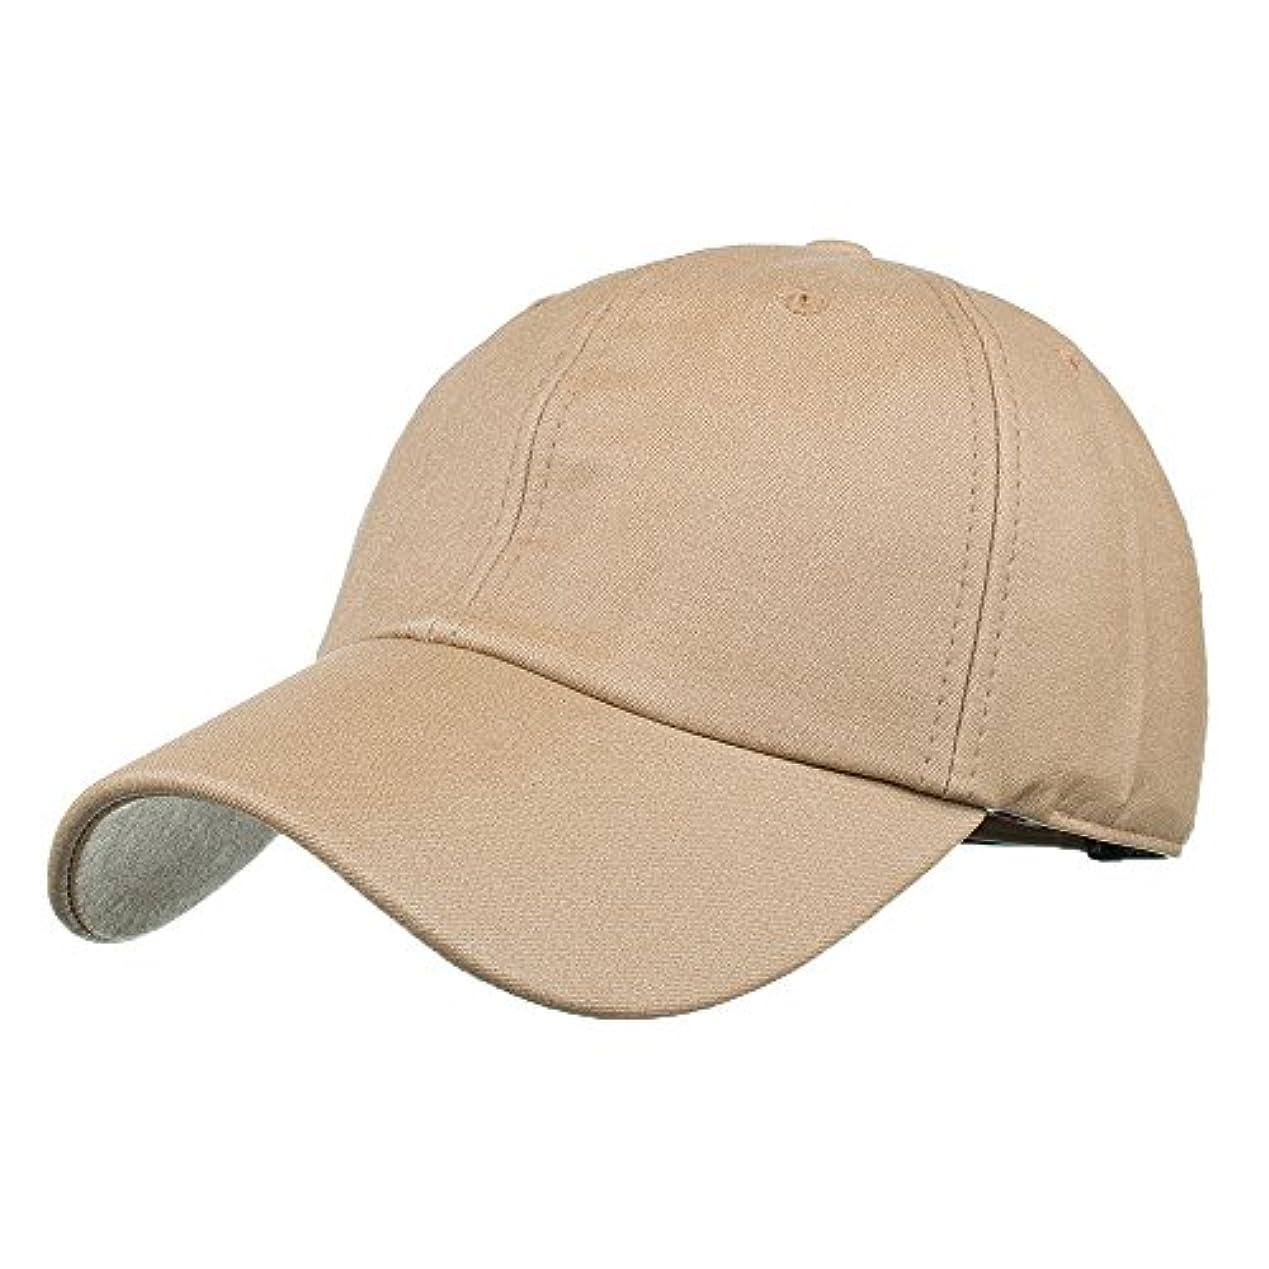 シプリー警察忌み嫌うRacazing Cap PU 無地 ヒップホップ 野球帽 通気性のある 帽子 夏 登山 可調整可能 棒球帽 UV 帽子 軽量 屋外 Unisex Hat (カーキ)